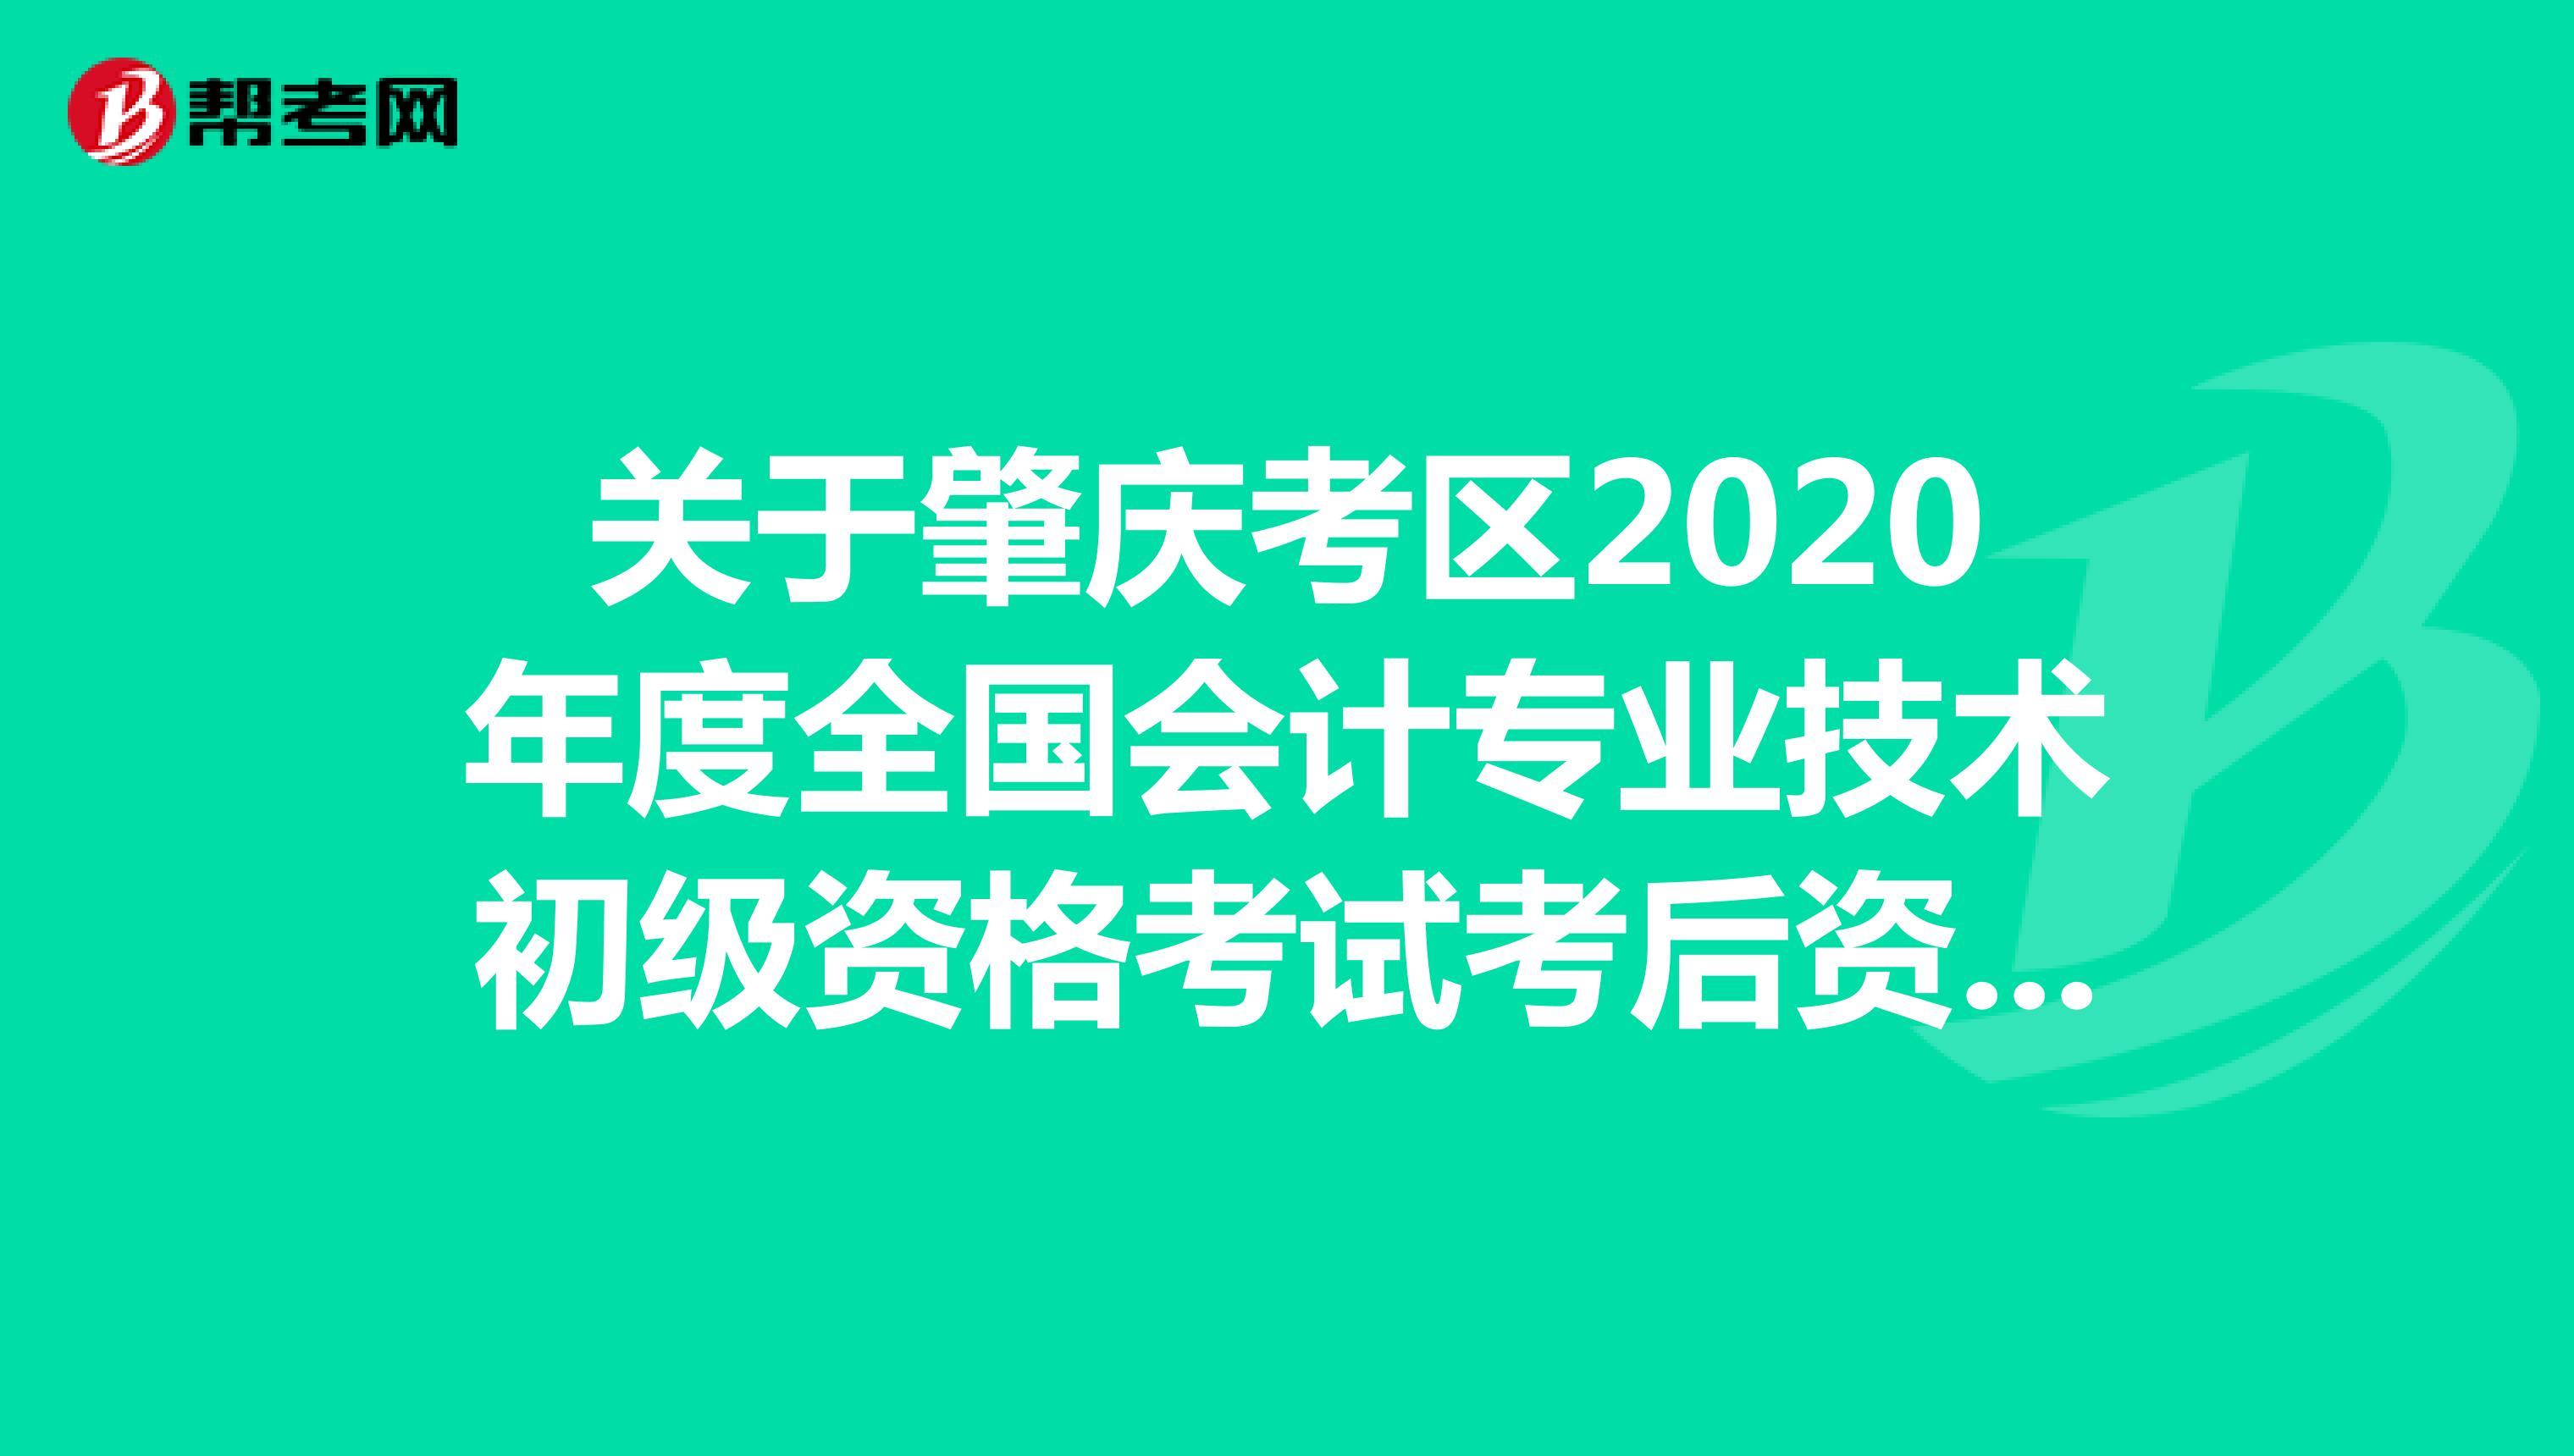 2020年广东省肇庆考区初级会计考后资格复核的时间为:10月19至10月30日